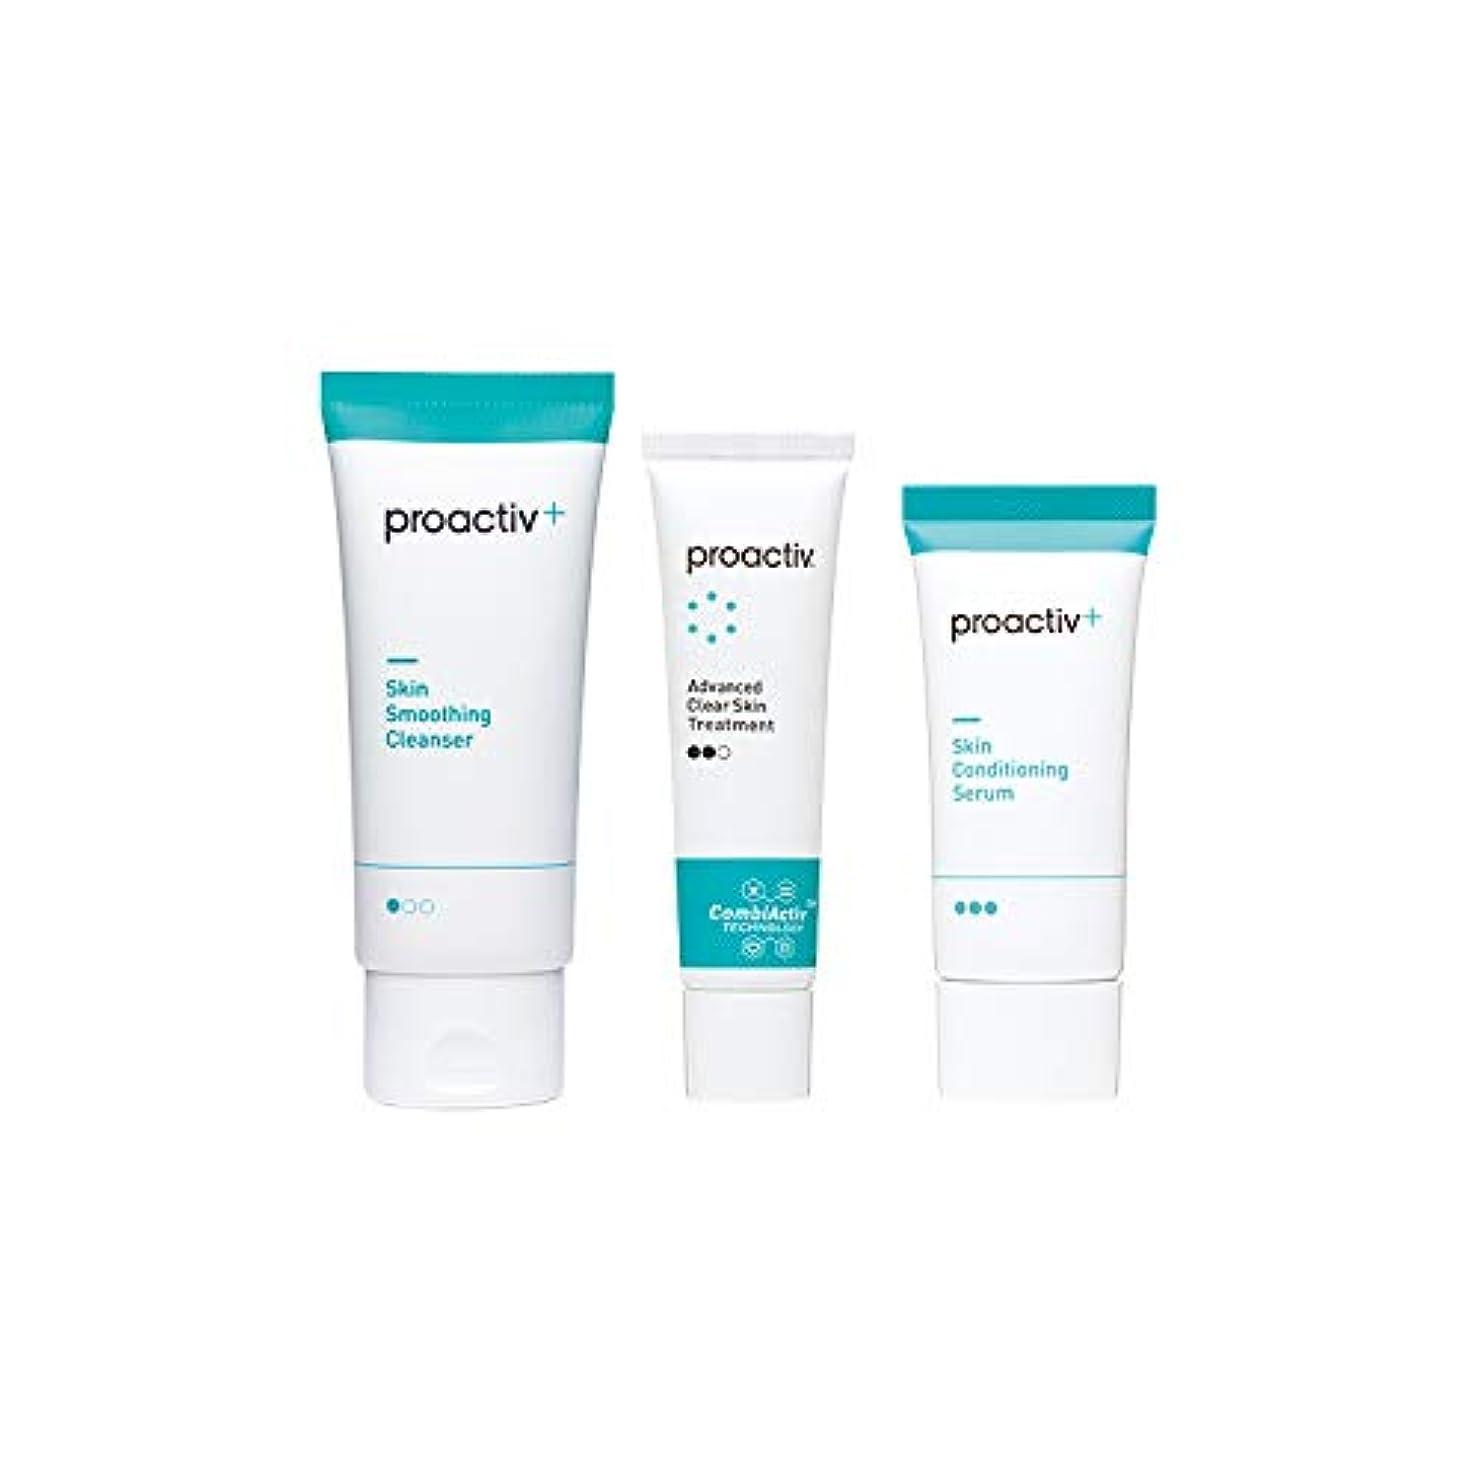 助けになる息子商業のプロアクティブ+ Proactiv+ アドバンストセット 30日分 公式ガイド付 (電動洗顔ブラシ & ボディブラシ 付)